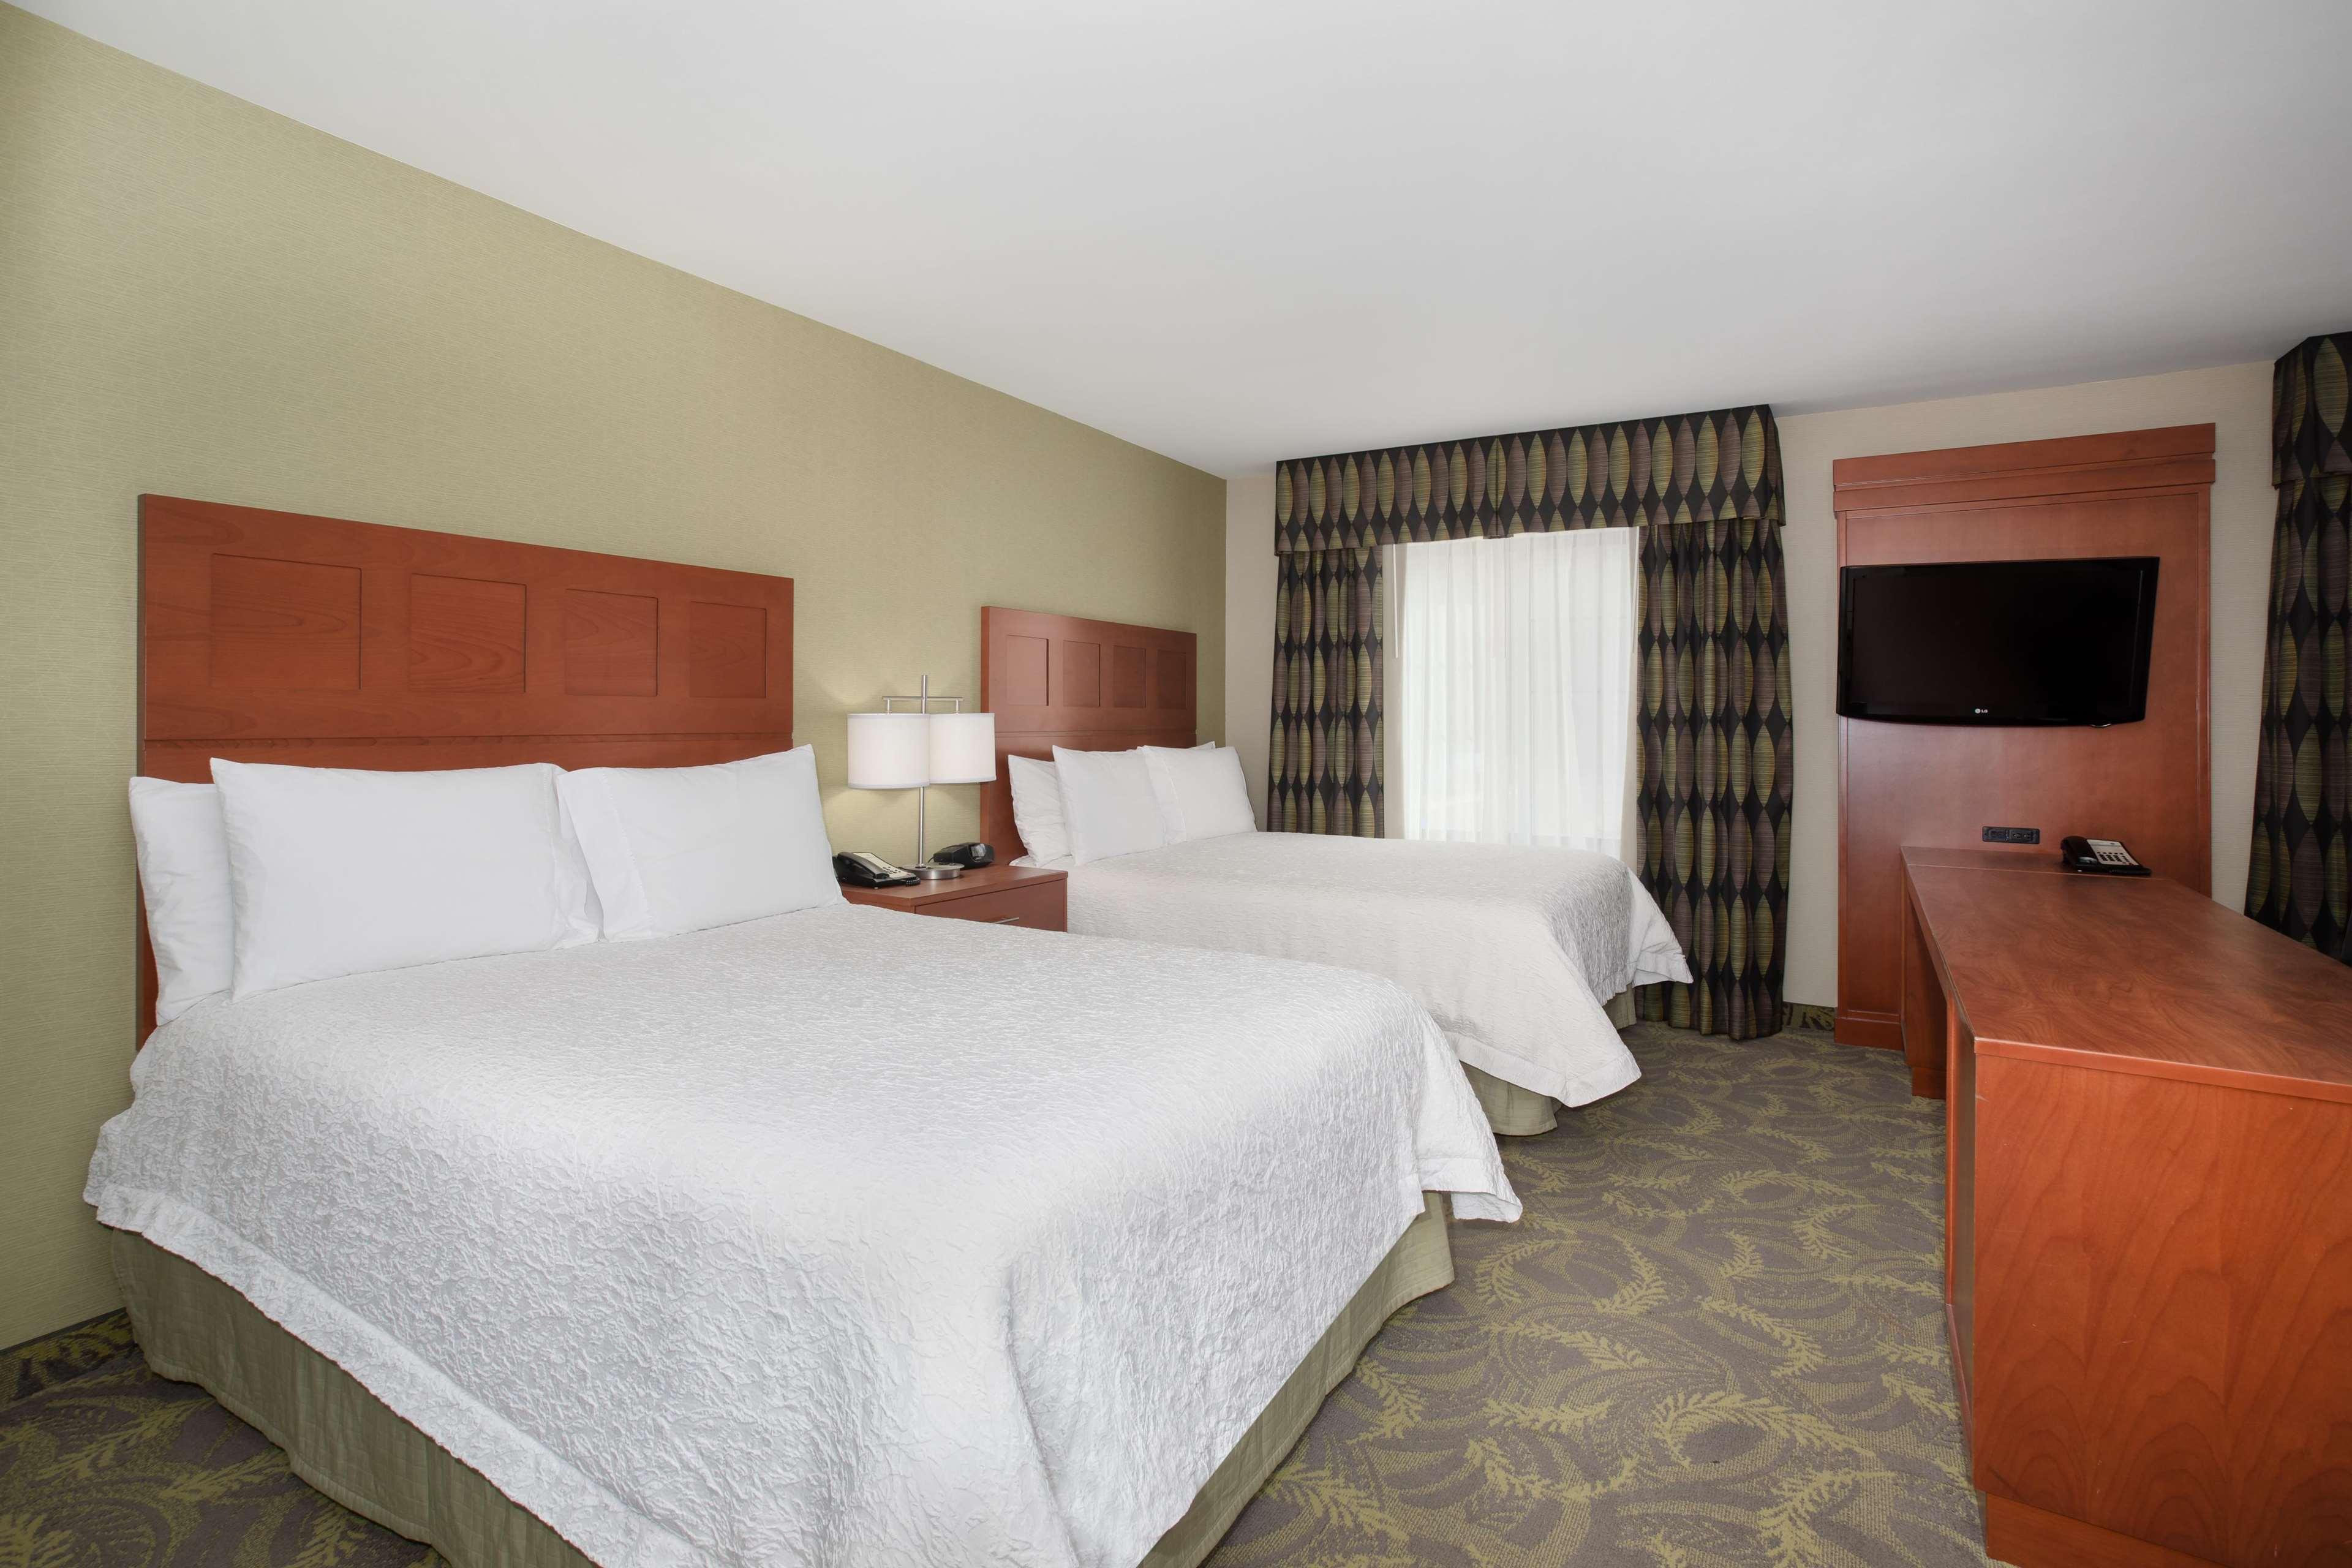 Hampton Inn & Suites Astoria image 27